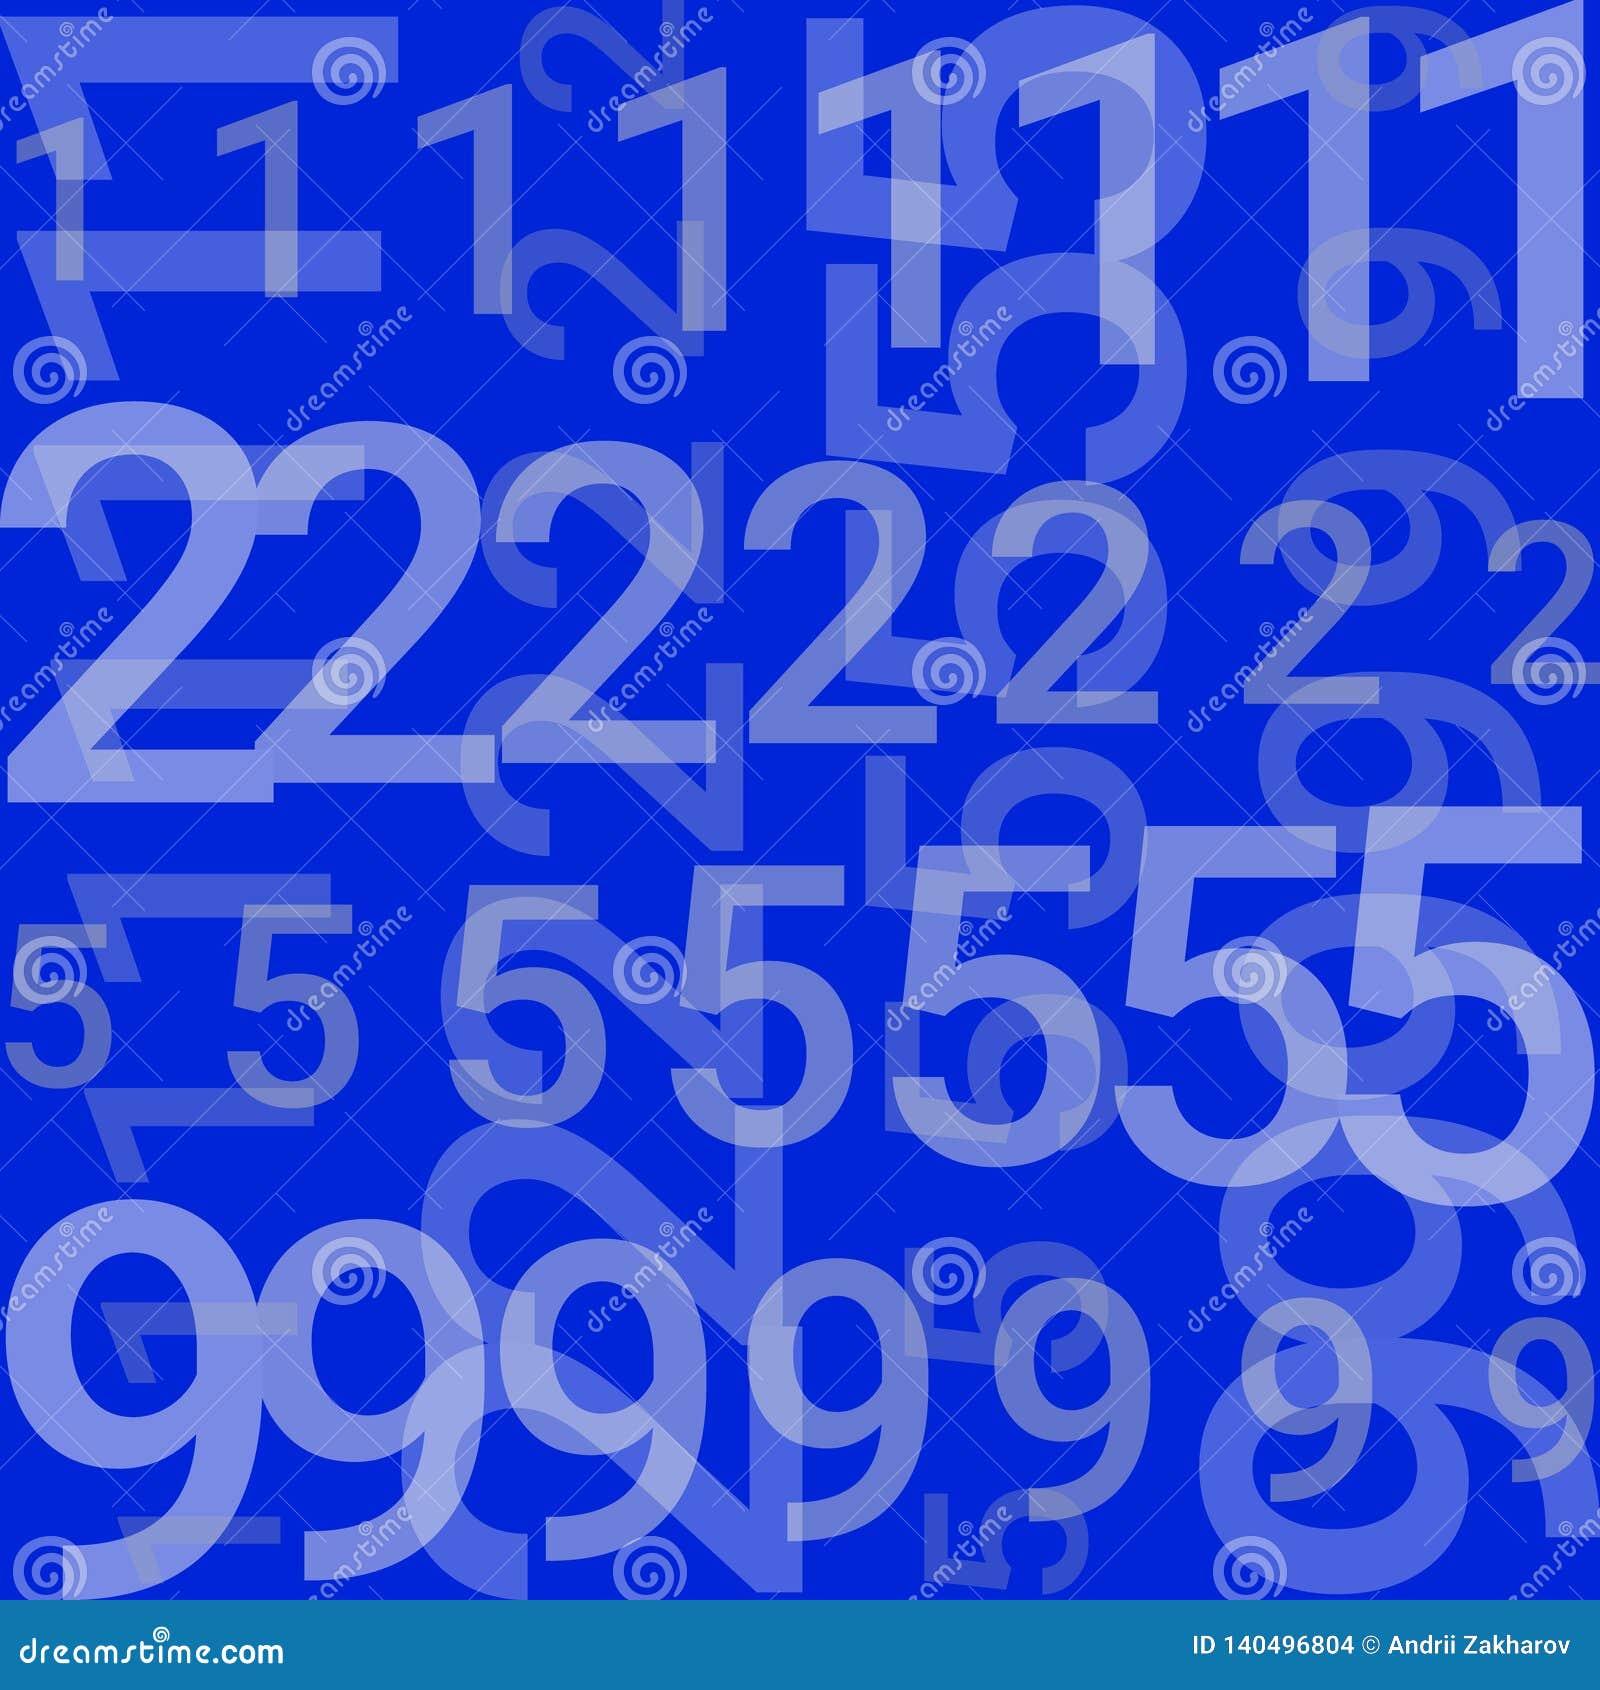 Sur un fond bleu il y a des lignes avec des nombres